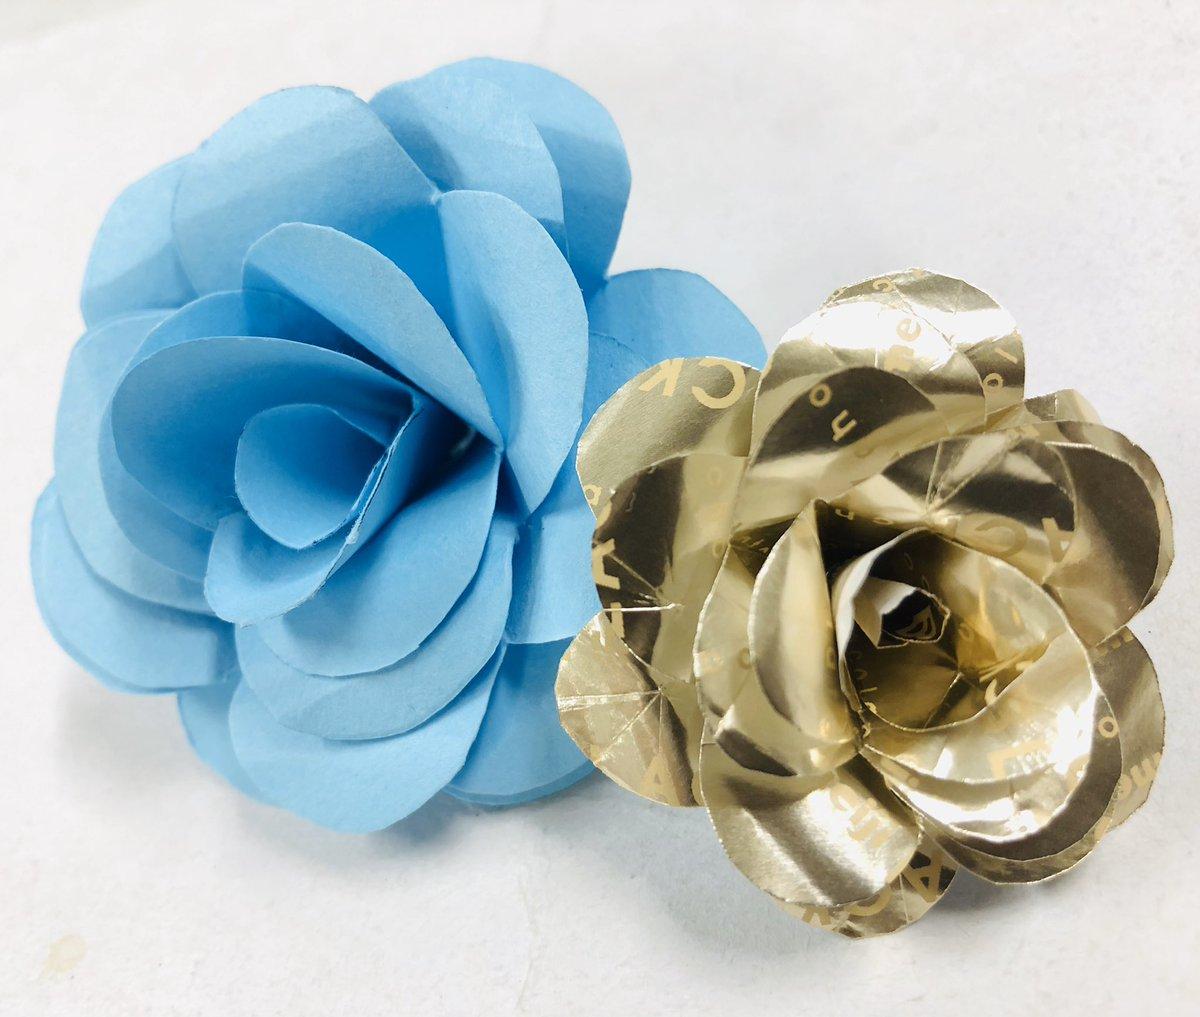 【コピー用紙でOK!】紙を使ったバラ(薔薇の花)の簡単な作り方が話題に!【ペーパークラフト】